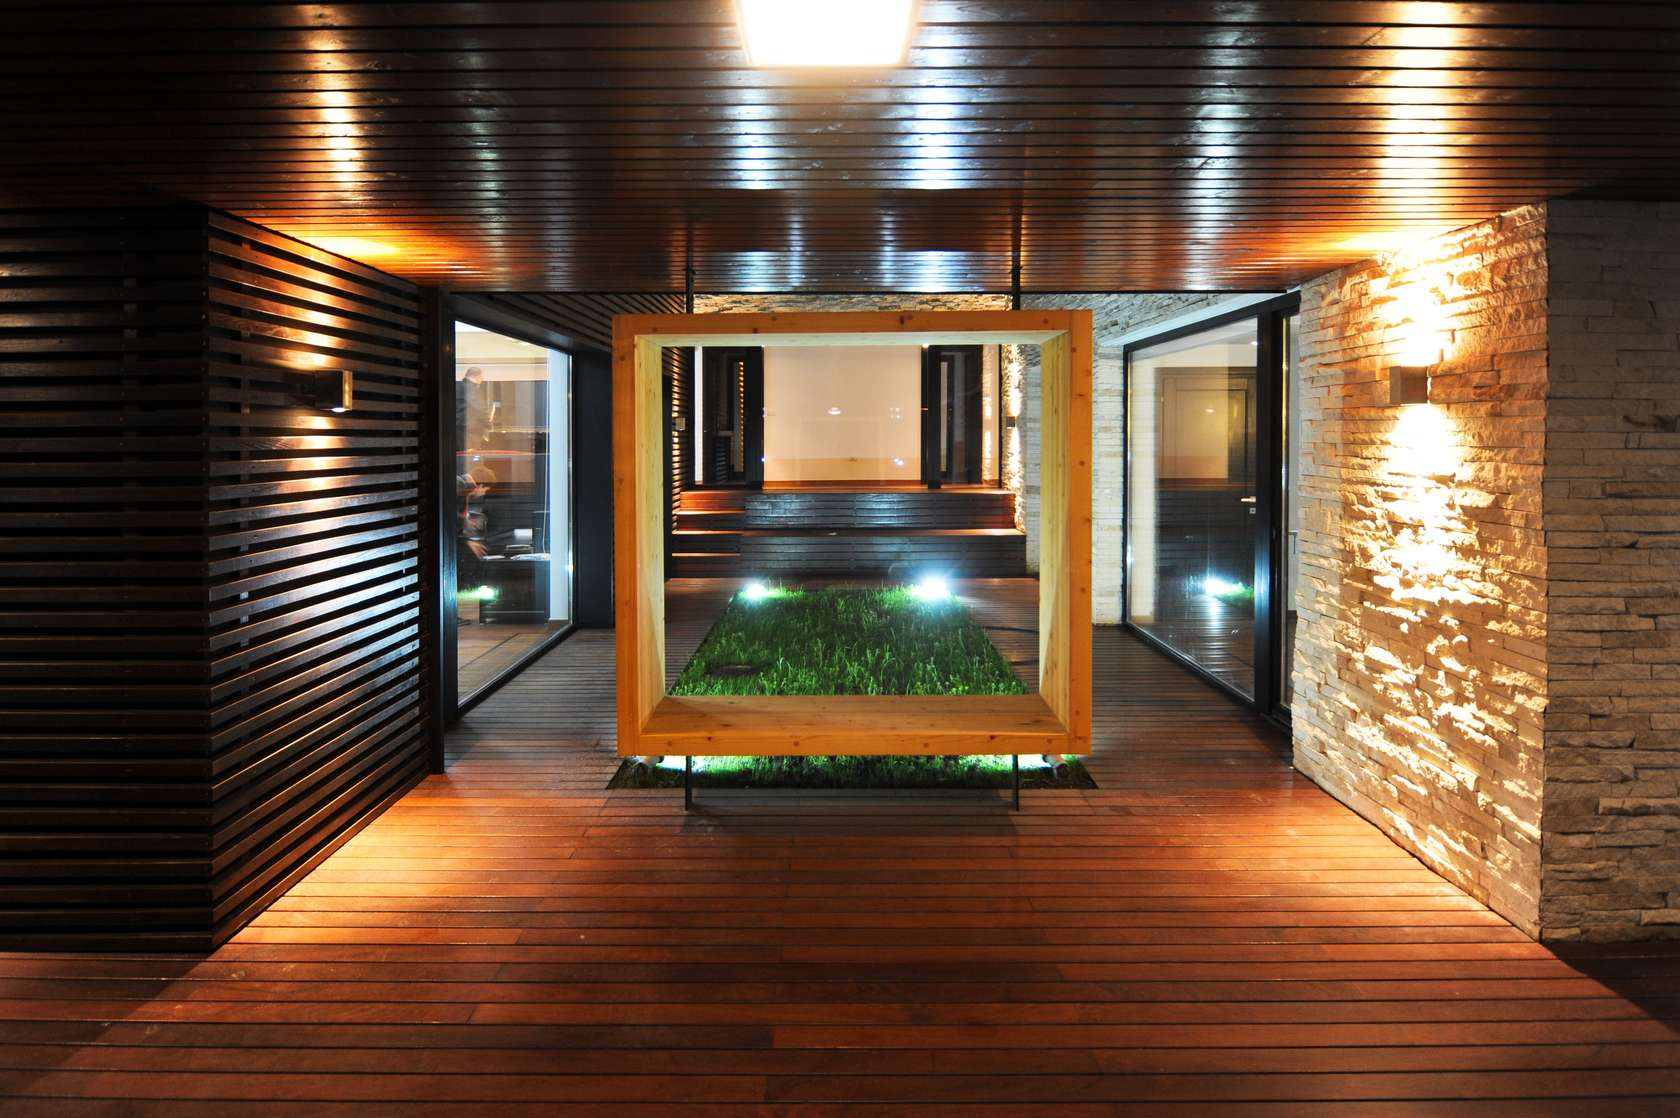 Dise o de fachadas e interiores de casas modernas taringa for Interior de casas modernas